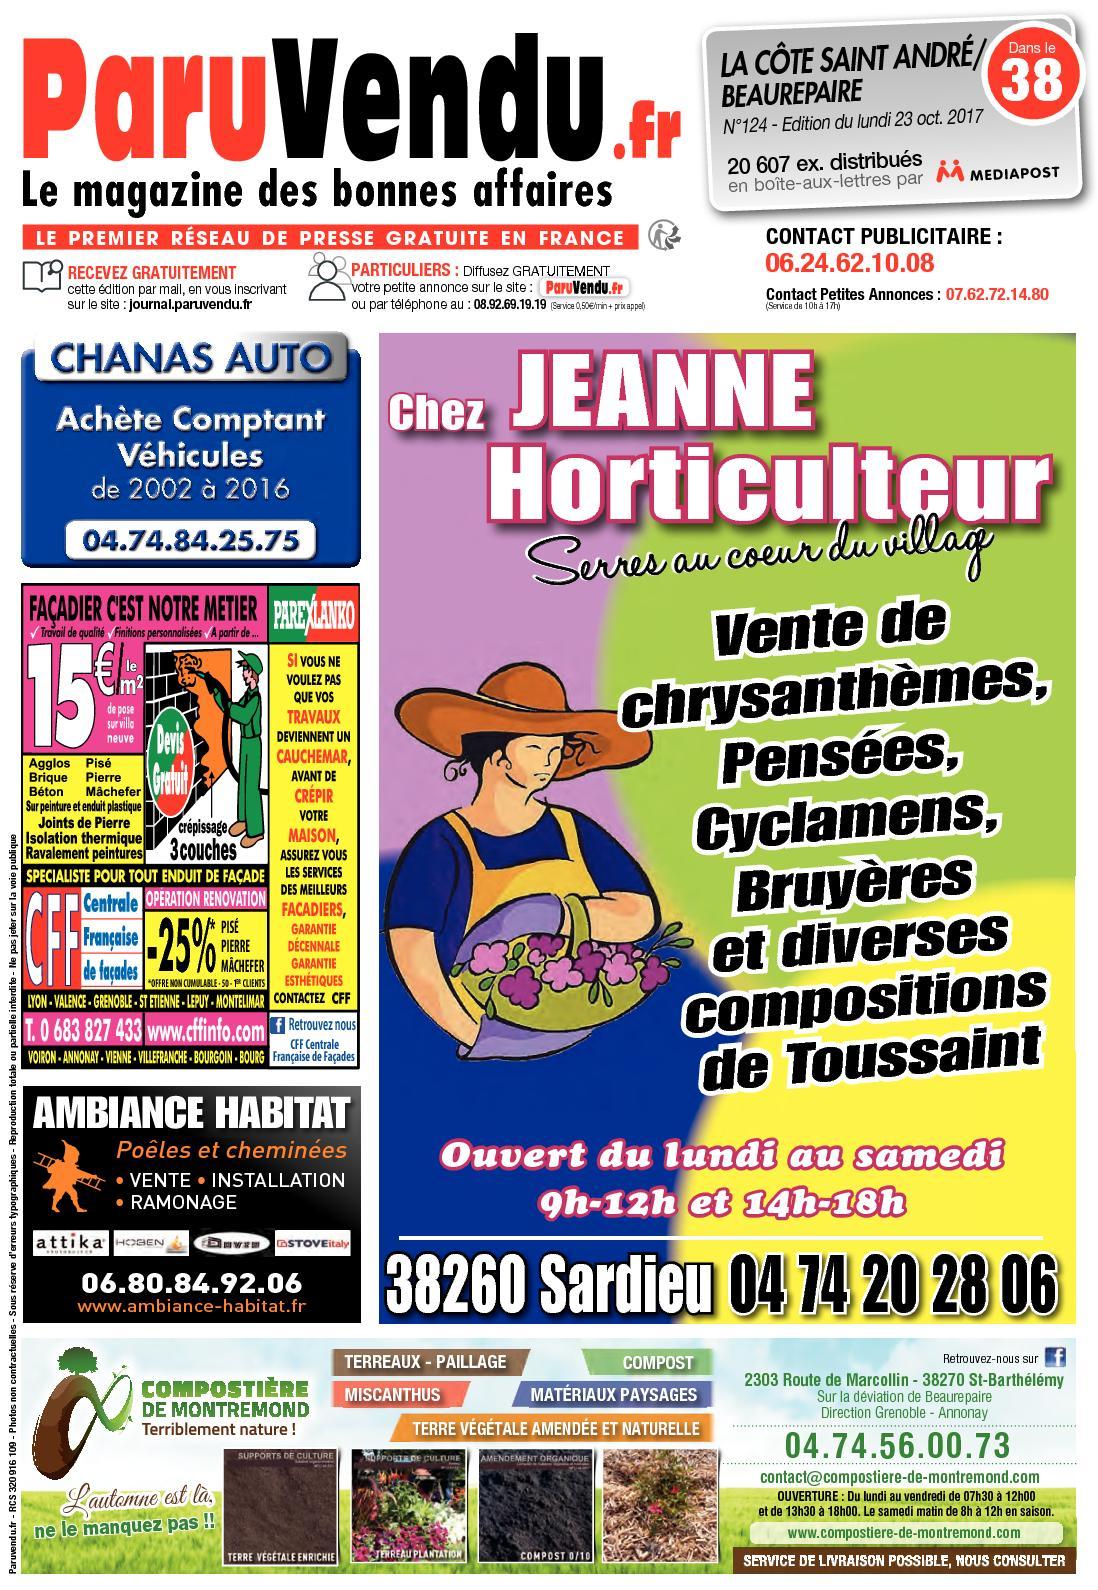 Ambiance Et Patines Valence calaméo - paruvendu.fr cote-st-andre-beaurepaire n°124